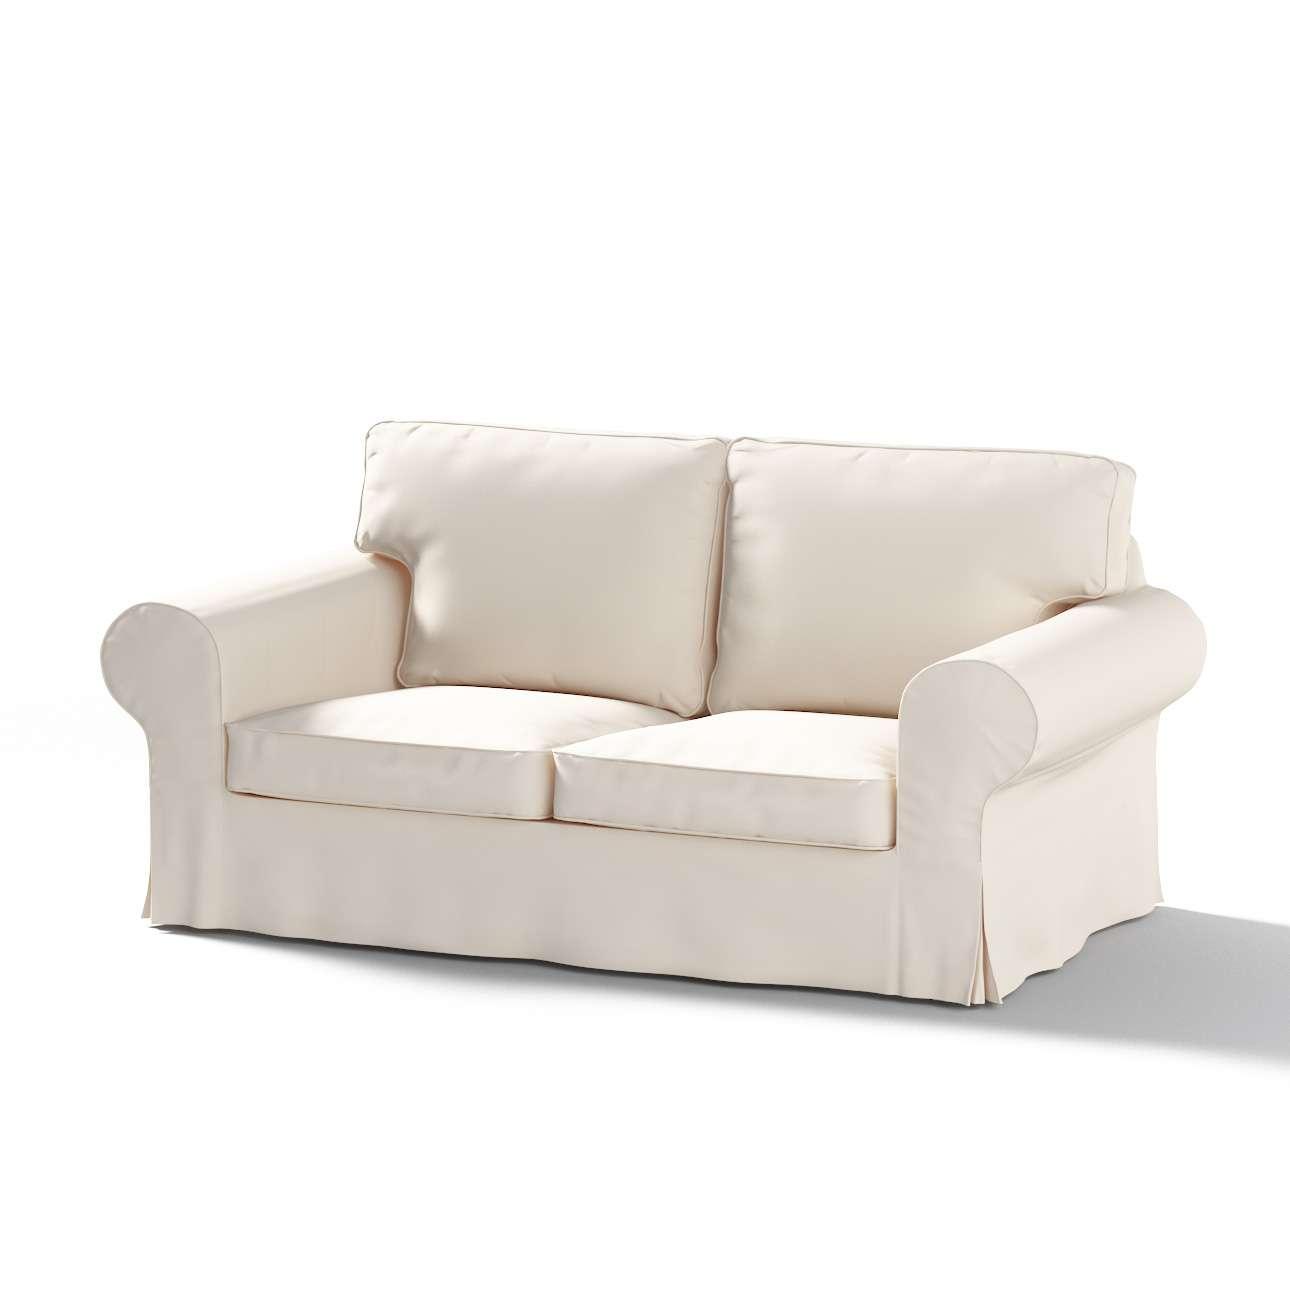 Ektorp 2-Sitzer Sofabezug nicht ausklappbar Sofabezug für  Ektorp 2-Sitzer nicht ausklappbar von der Kollektion Etna, Stoff: 705-01